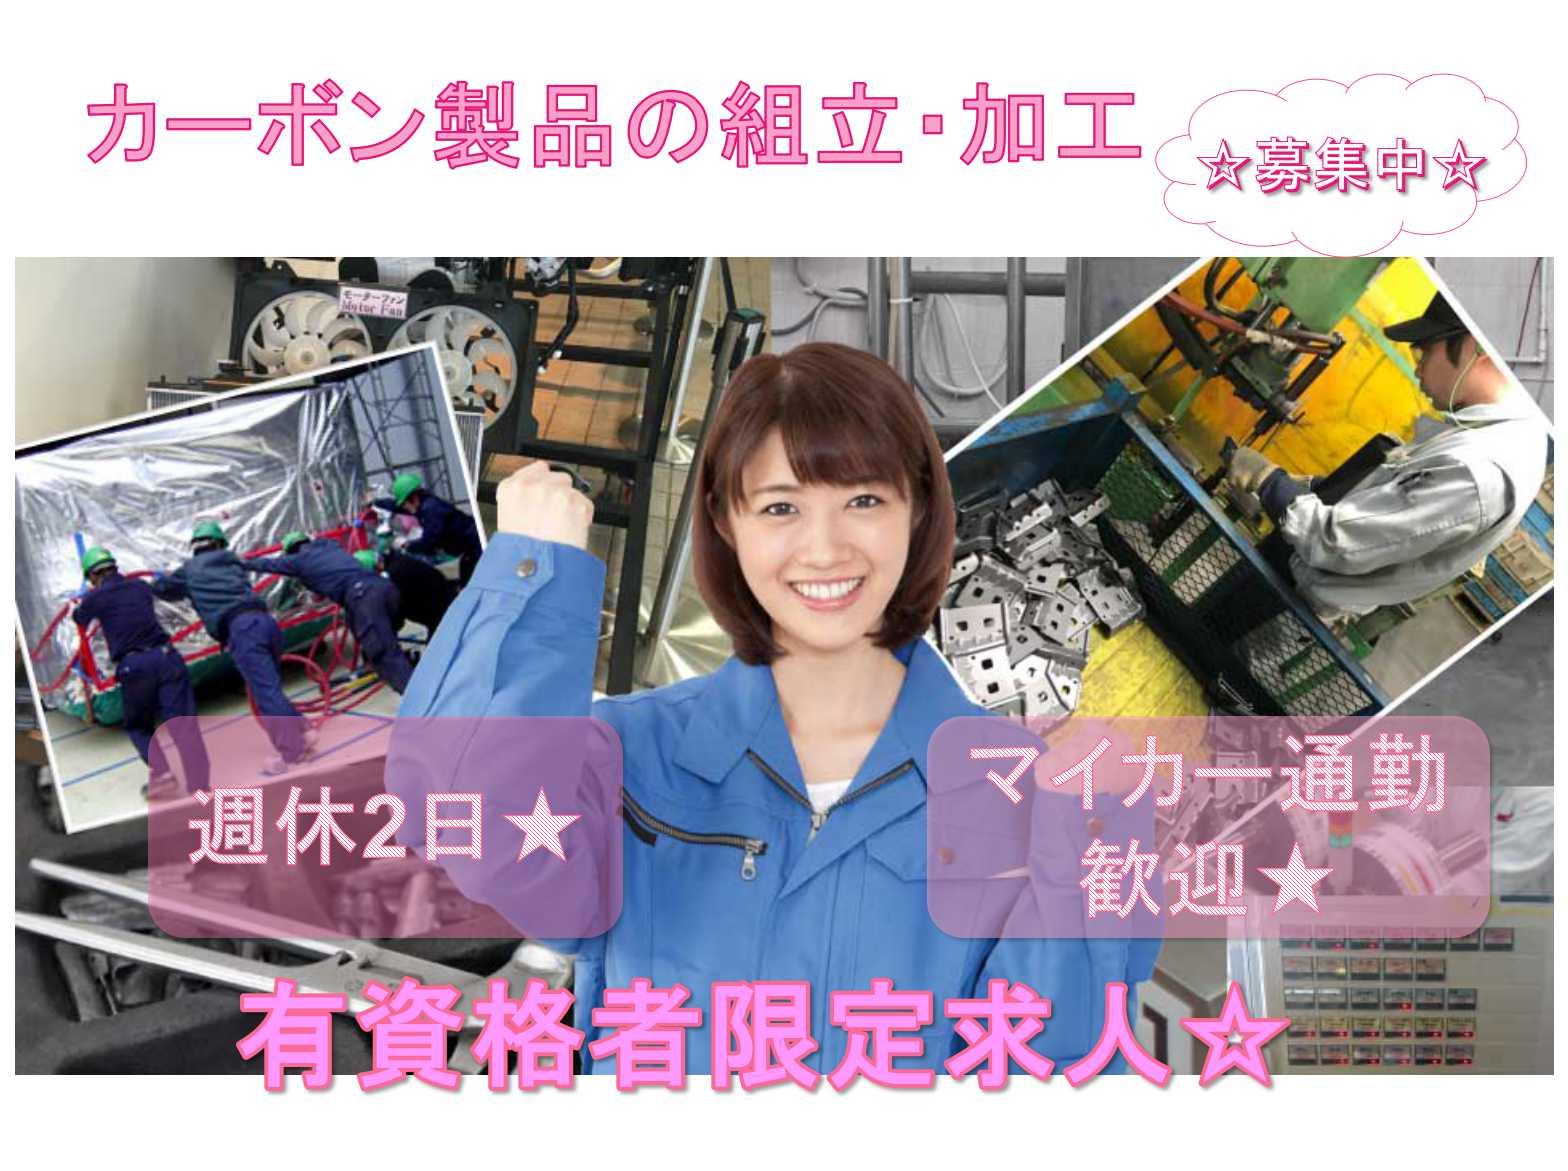 【静岡市清水区】有資格者限定求人☆週休2日☆カーボン製品の組立・加工☆ イメージ